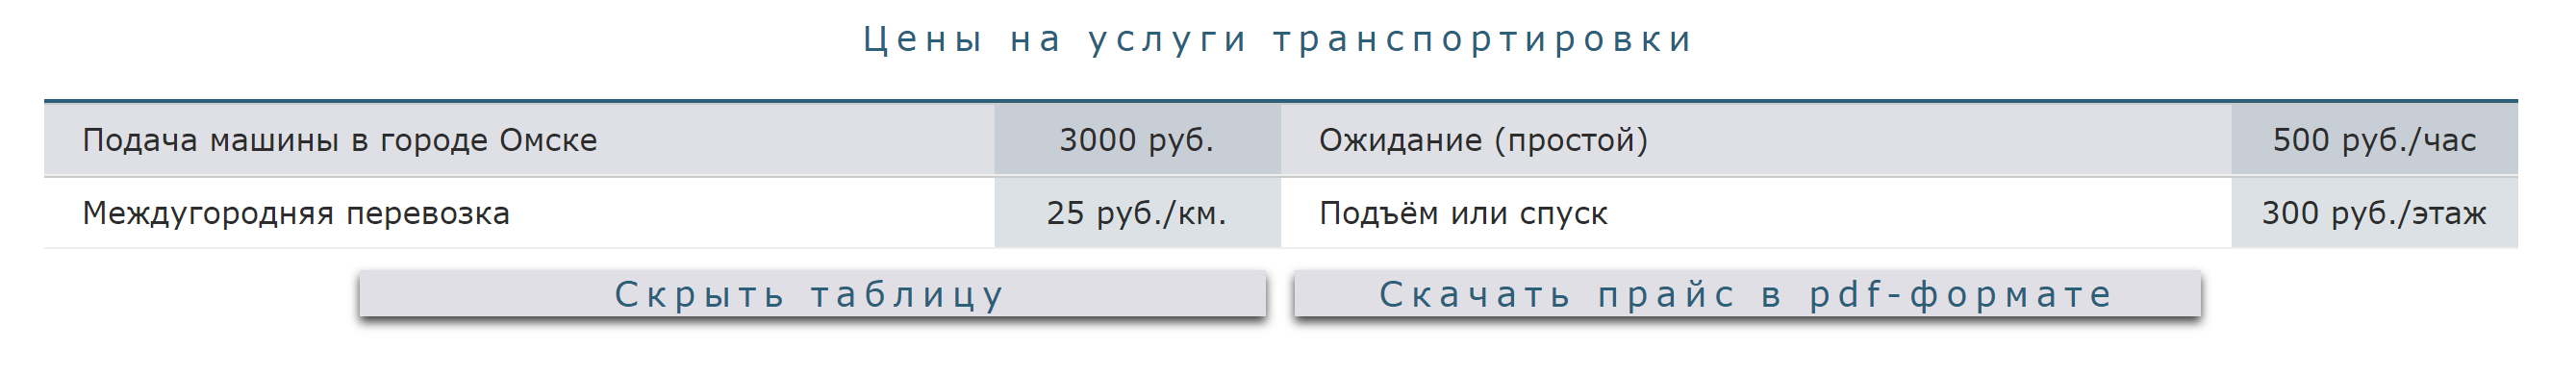 В Омске транспортировка лежачего обойдется в 3000—7000 р.